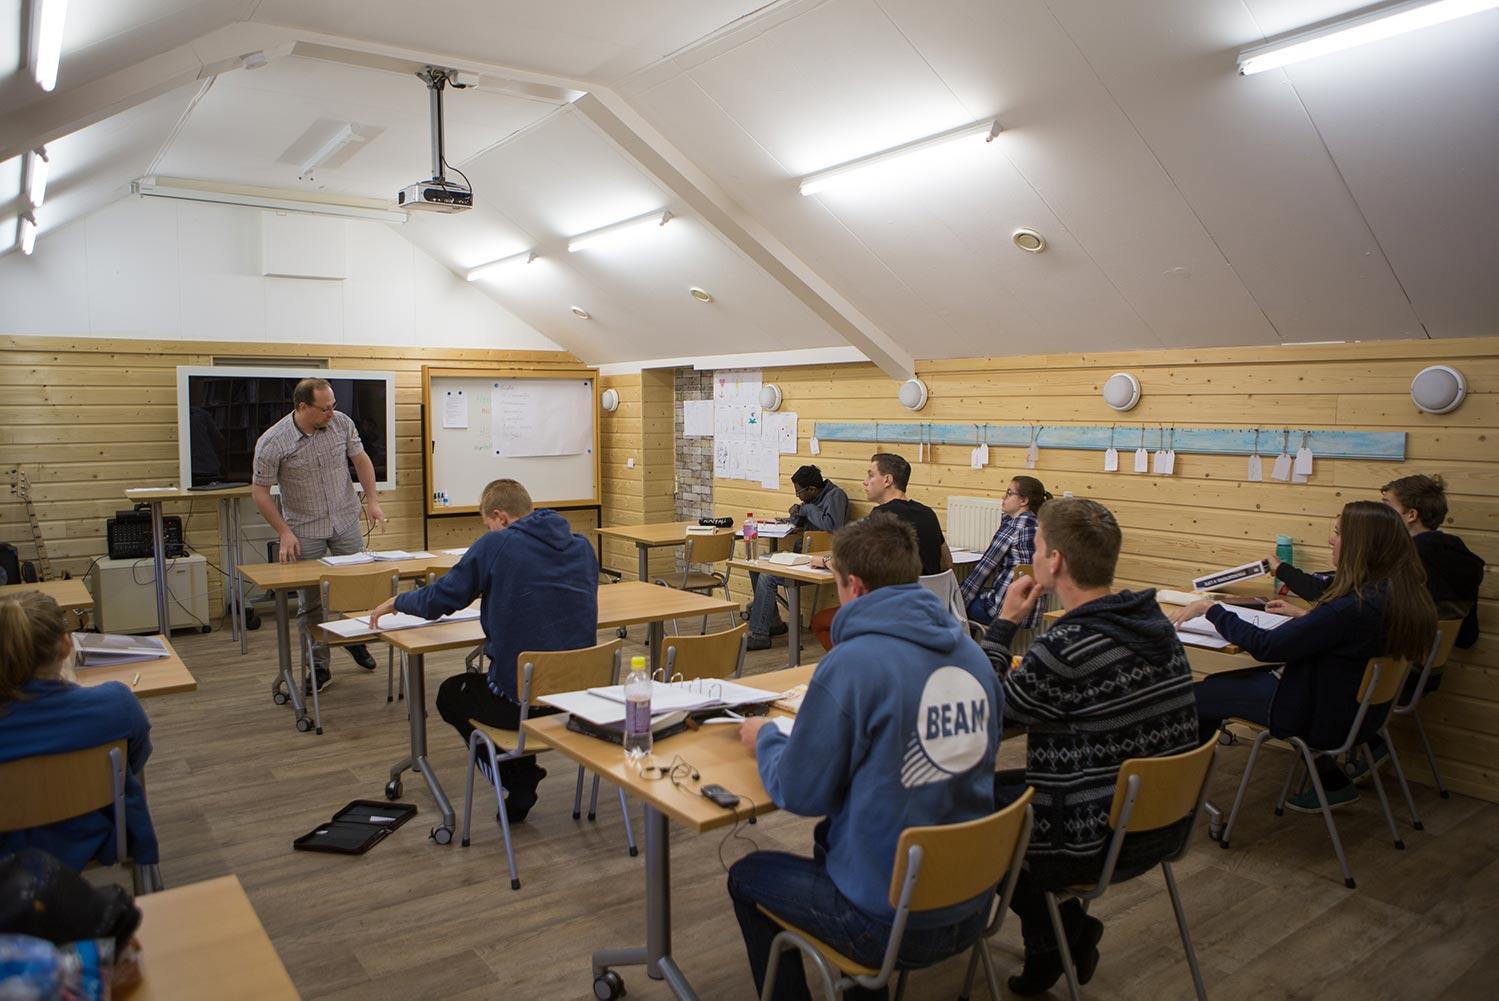 Bijbelschool Foundation 4 Life – Programma lesweken